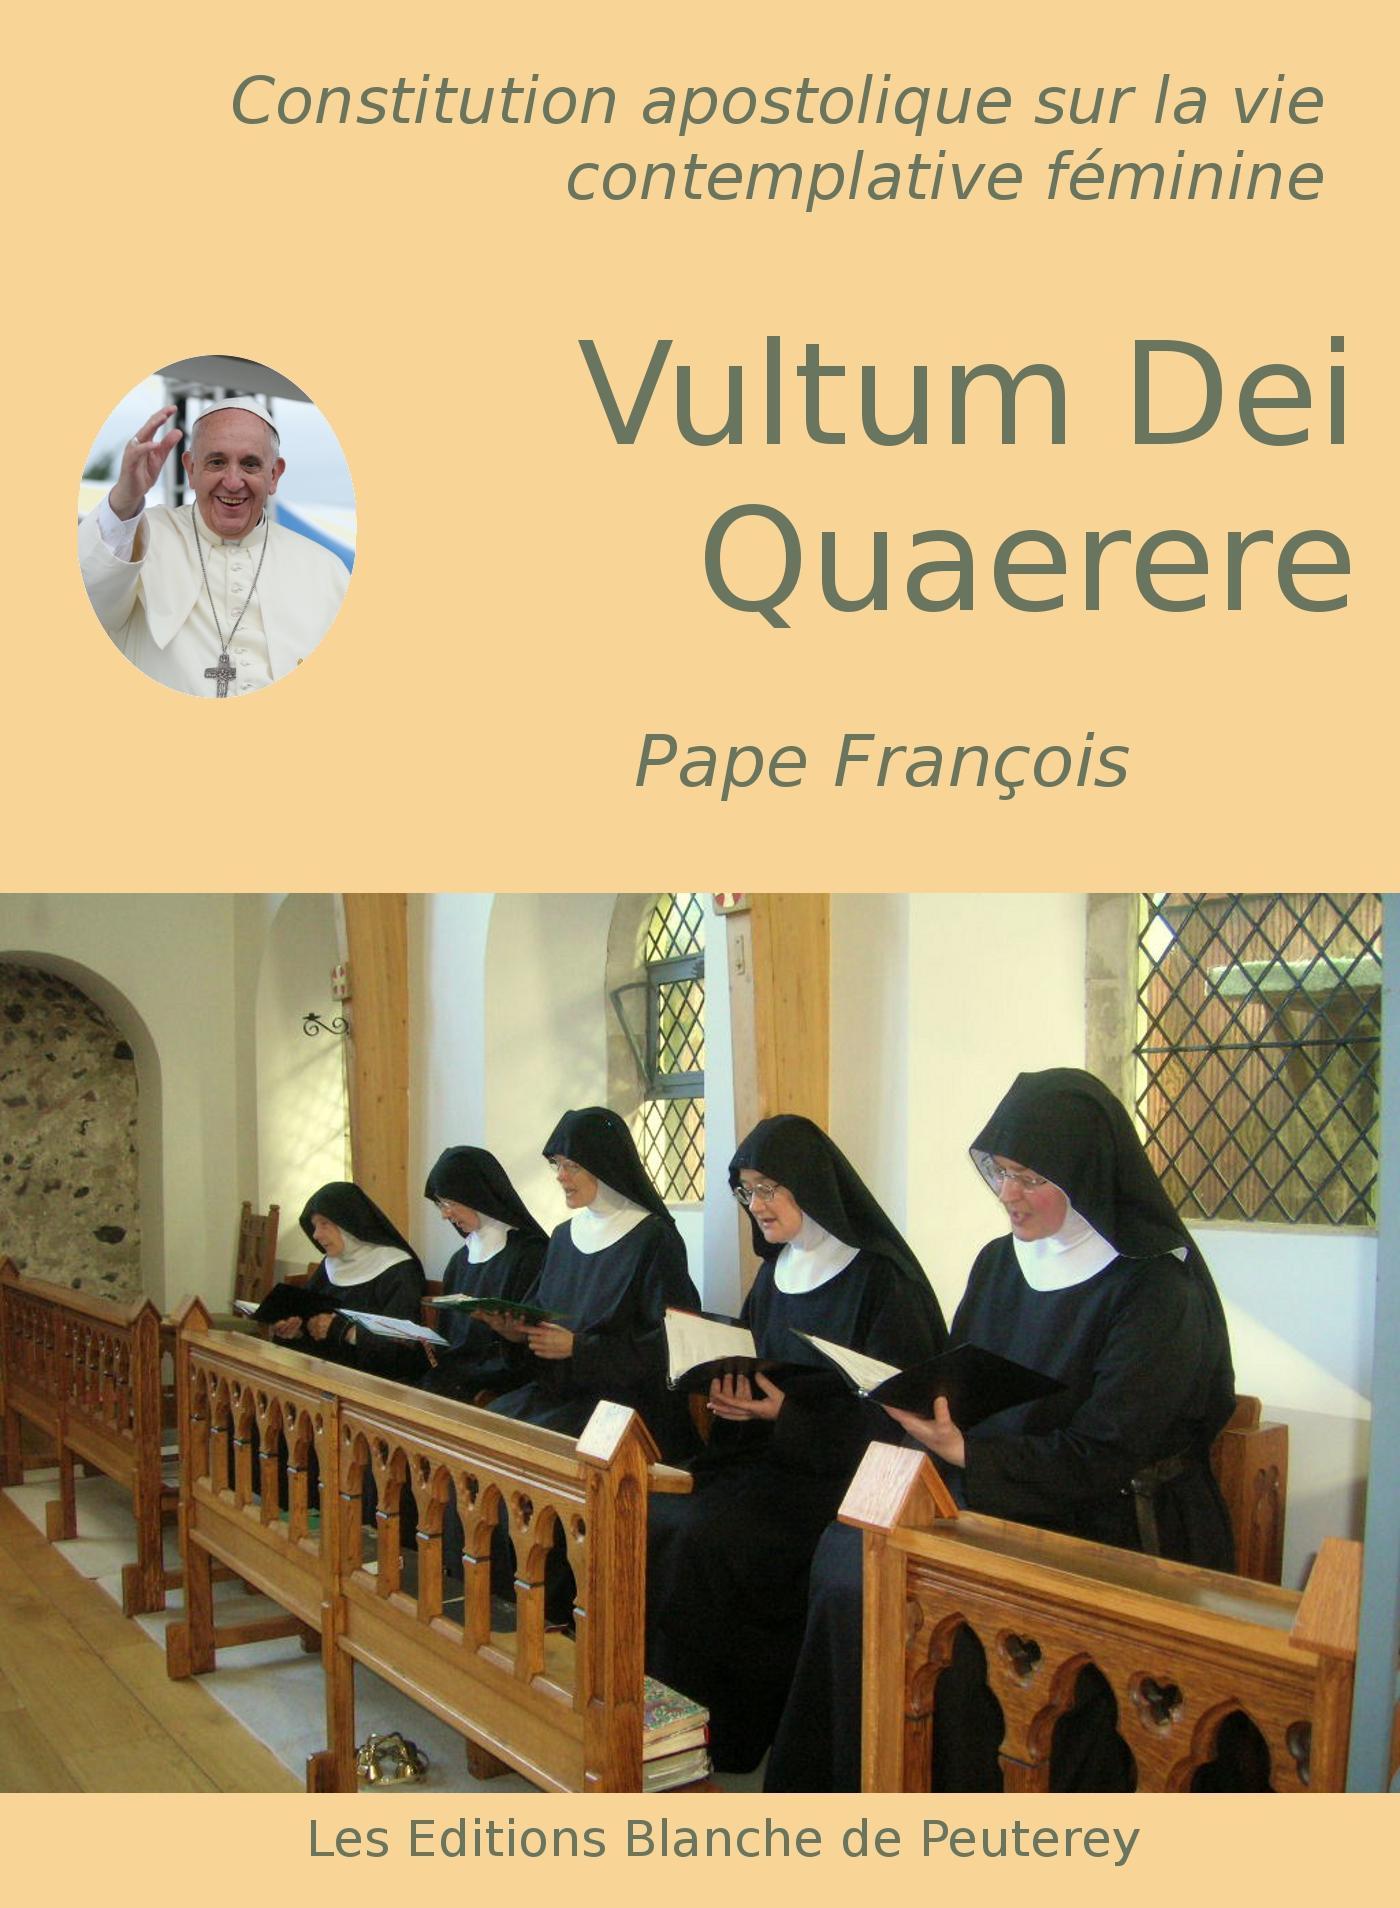 Vultum Dei Quaerere, CONSTITUTION APOSTOLIQUE SUR LA VIE CONTEMPLATIVE FÉMININE